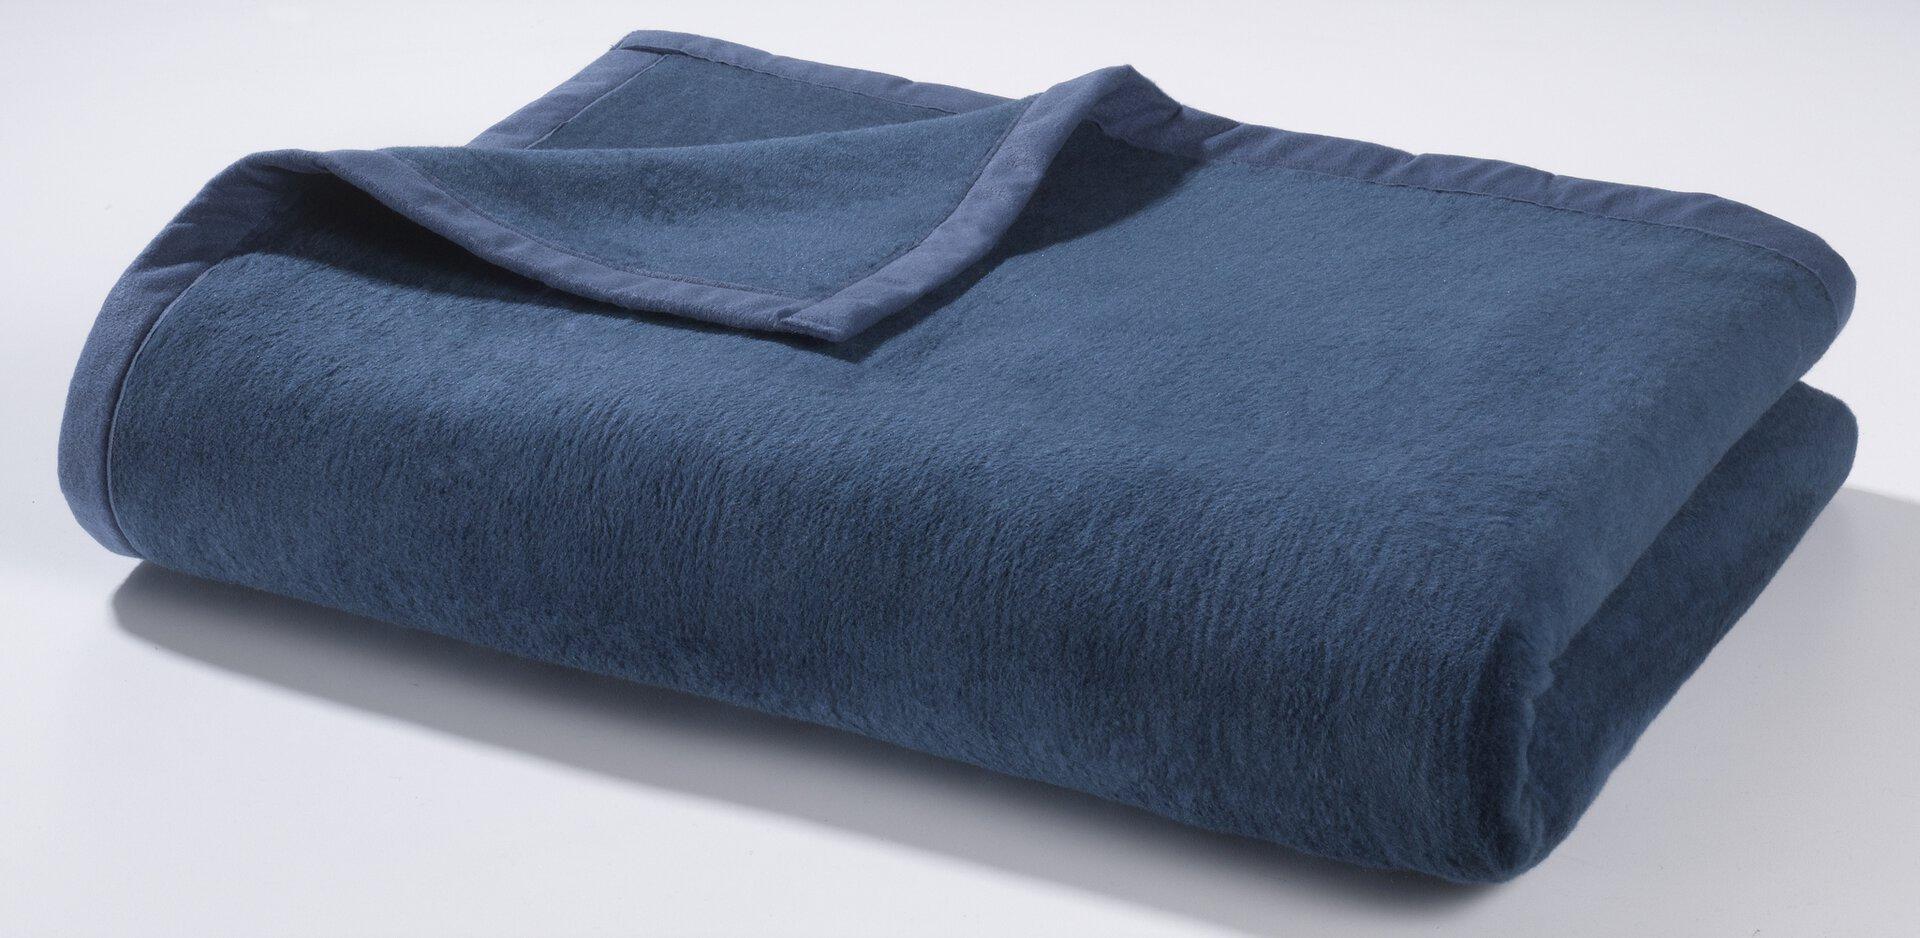 Wohndecke Casa Nova Textil Blau 150 x 200 cm